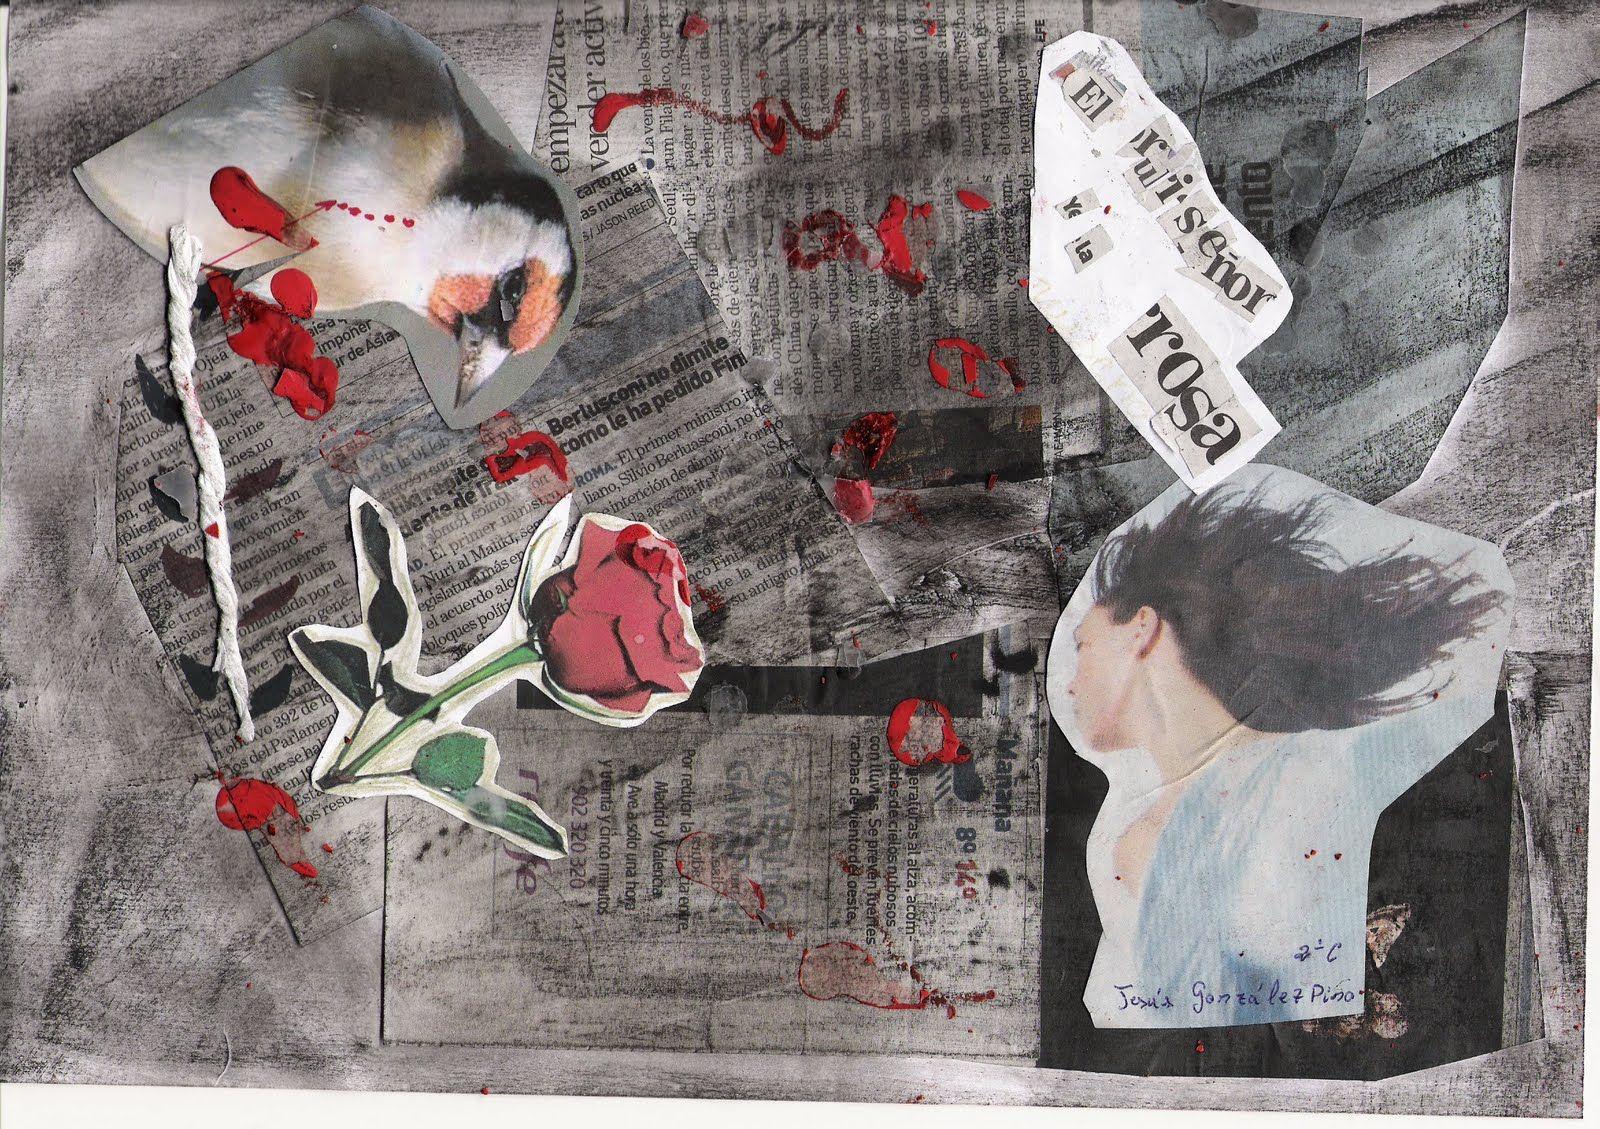 """""""-Ella me prometió que bailaría conmigo si le llevaba rosas rojas -murmuró el Estudiante-; pero en todo el jardín no queda ni una sola rosa roja.    El Ruiseñor le estaba escuchando desde su nido en la encina, y lo miraba a través de las hojas; al oír esto último, se sintió asombrado."""" El Ruiseñor y la Rosa; Oscar Wilde #DLIJ por @Javi_Mtnz"""